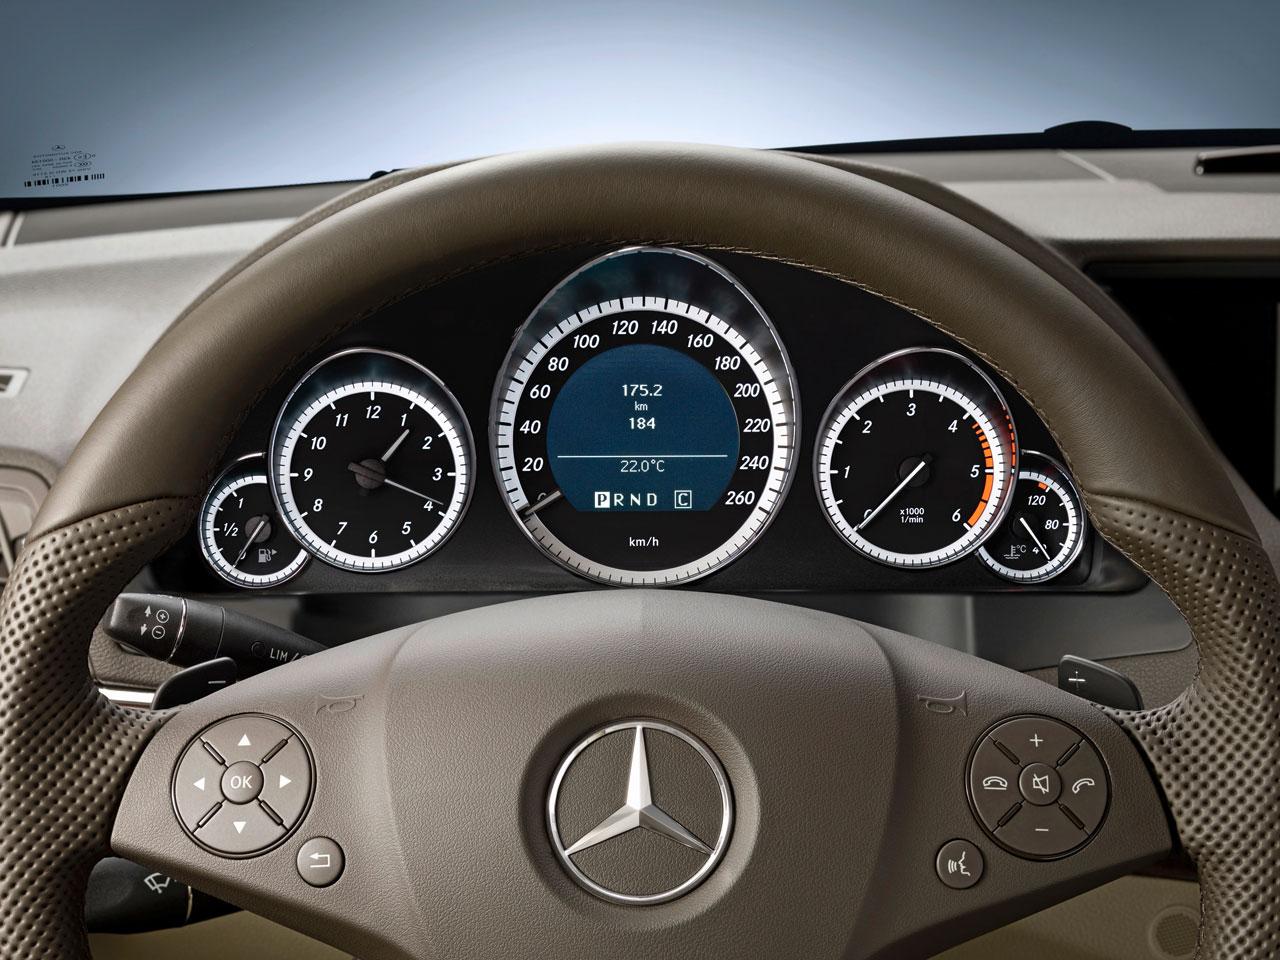 Mercedes benz e class coupe interior car body design - Mercedes e coupe interior ...